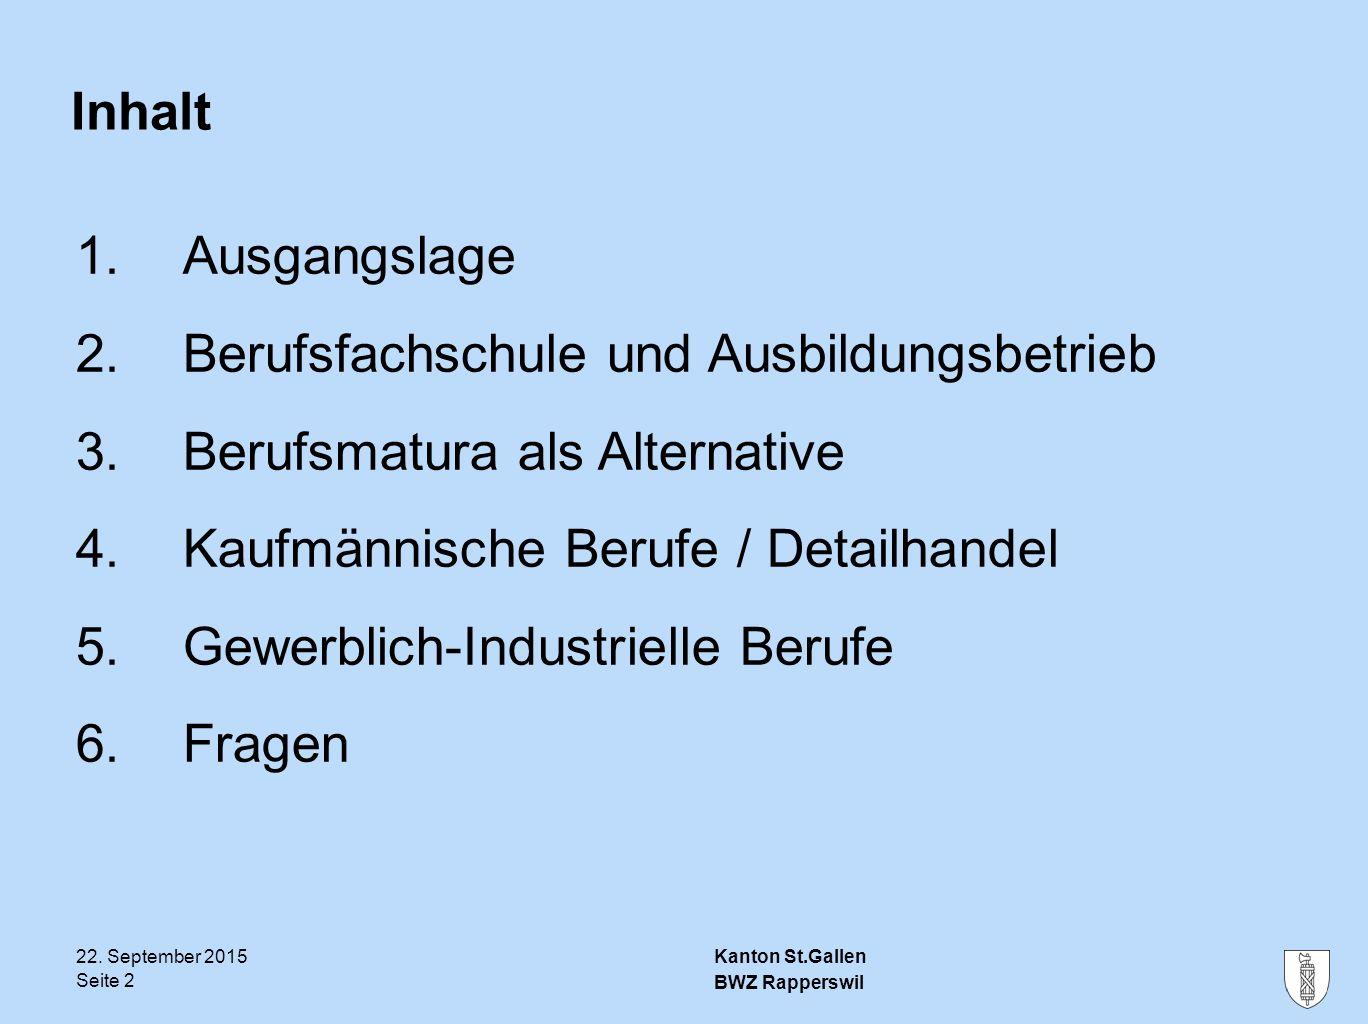 Kanton St.Gallen Kaufmännische Berufsfelder NKG Bank Gemeinden Versicherungen Industrie Treuhand Reisebüro